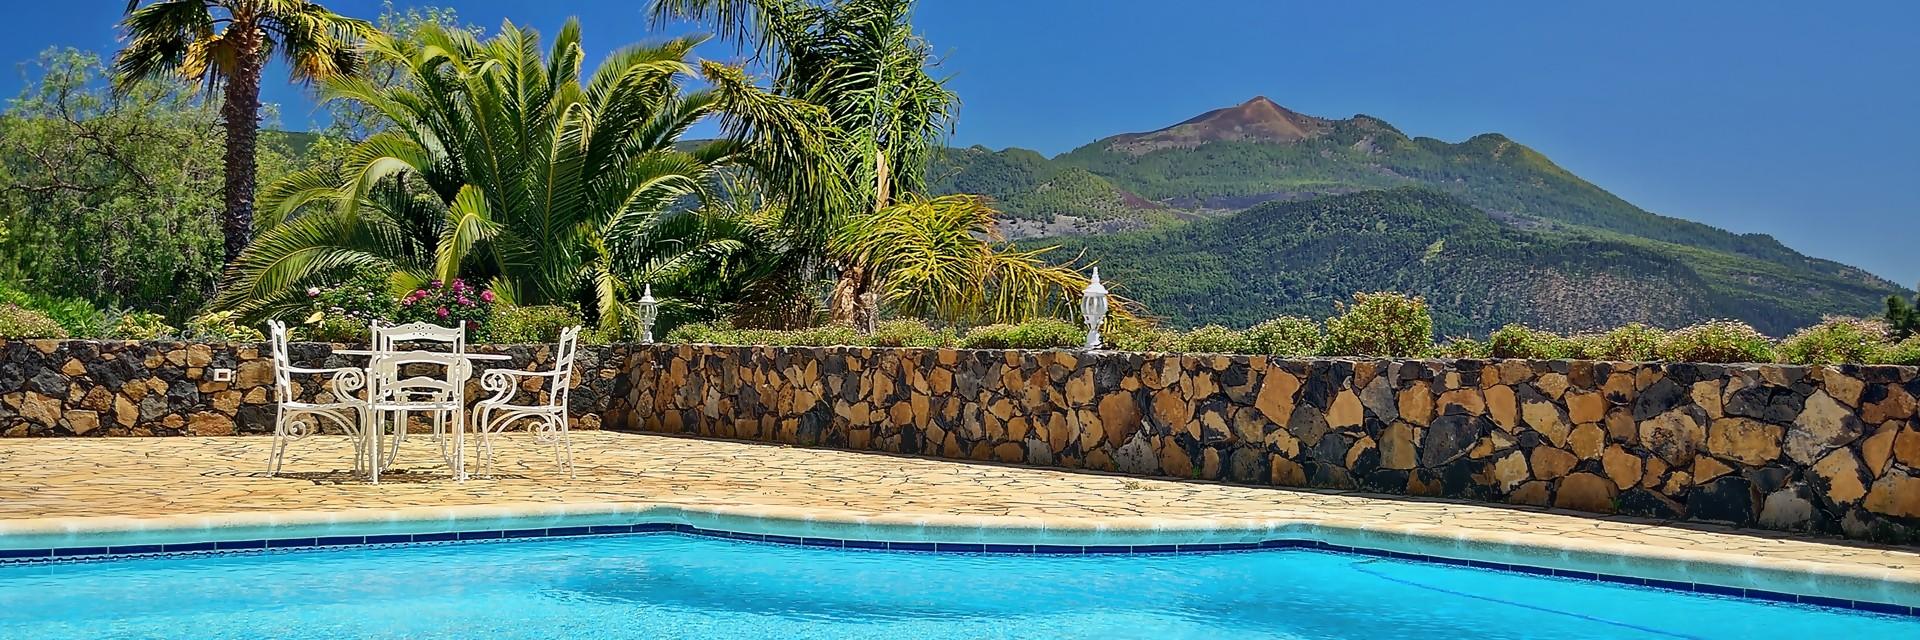 Villa Quinta Valencia - El Paso - La Palma - Canary Islands